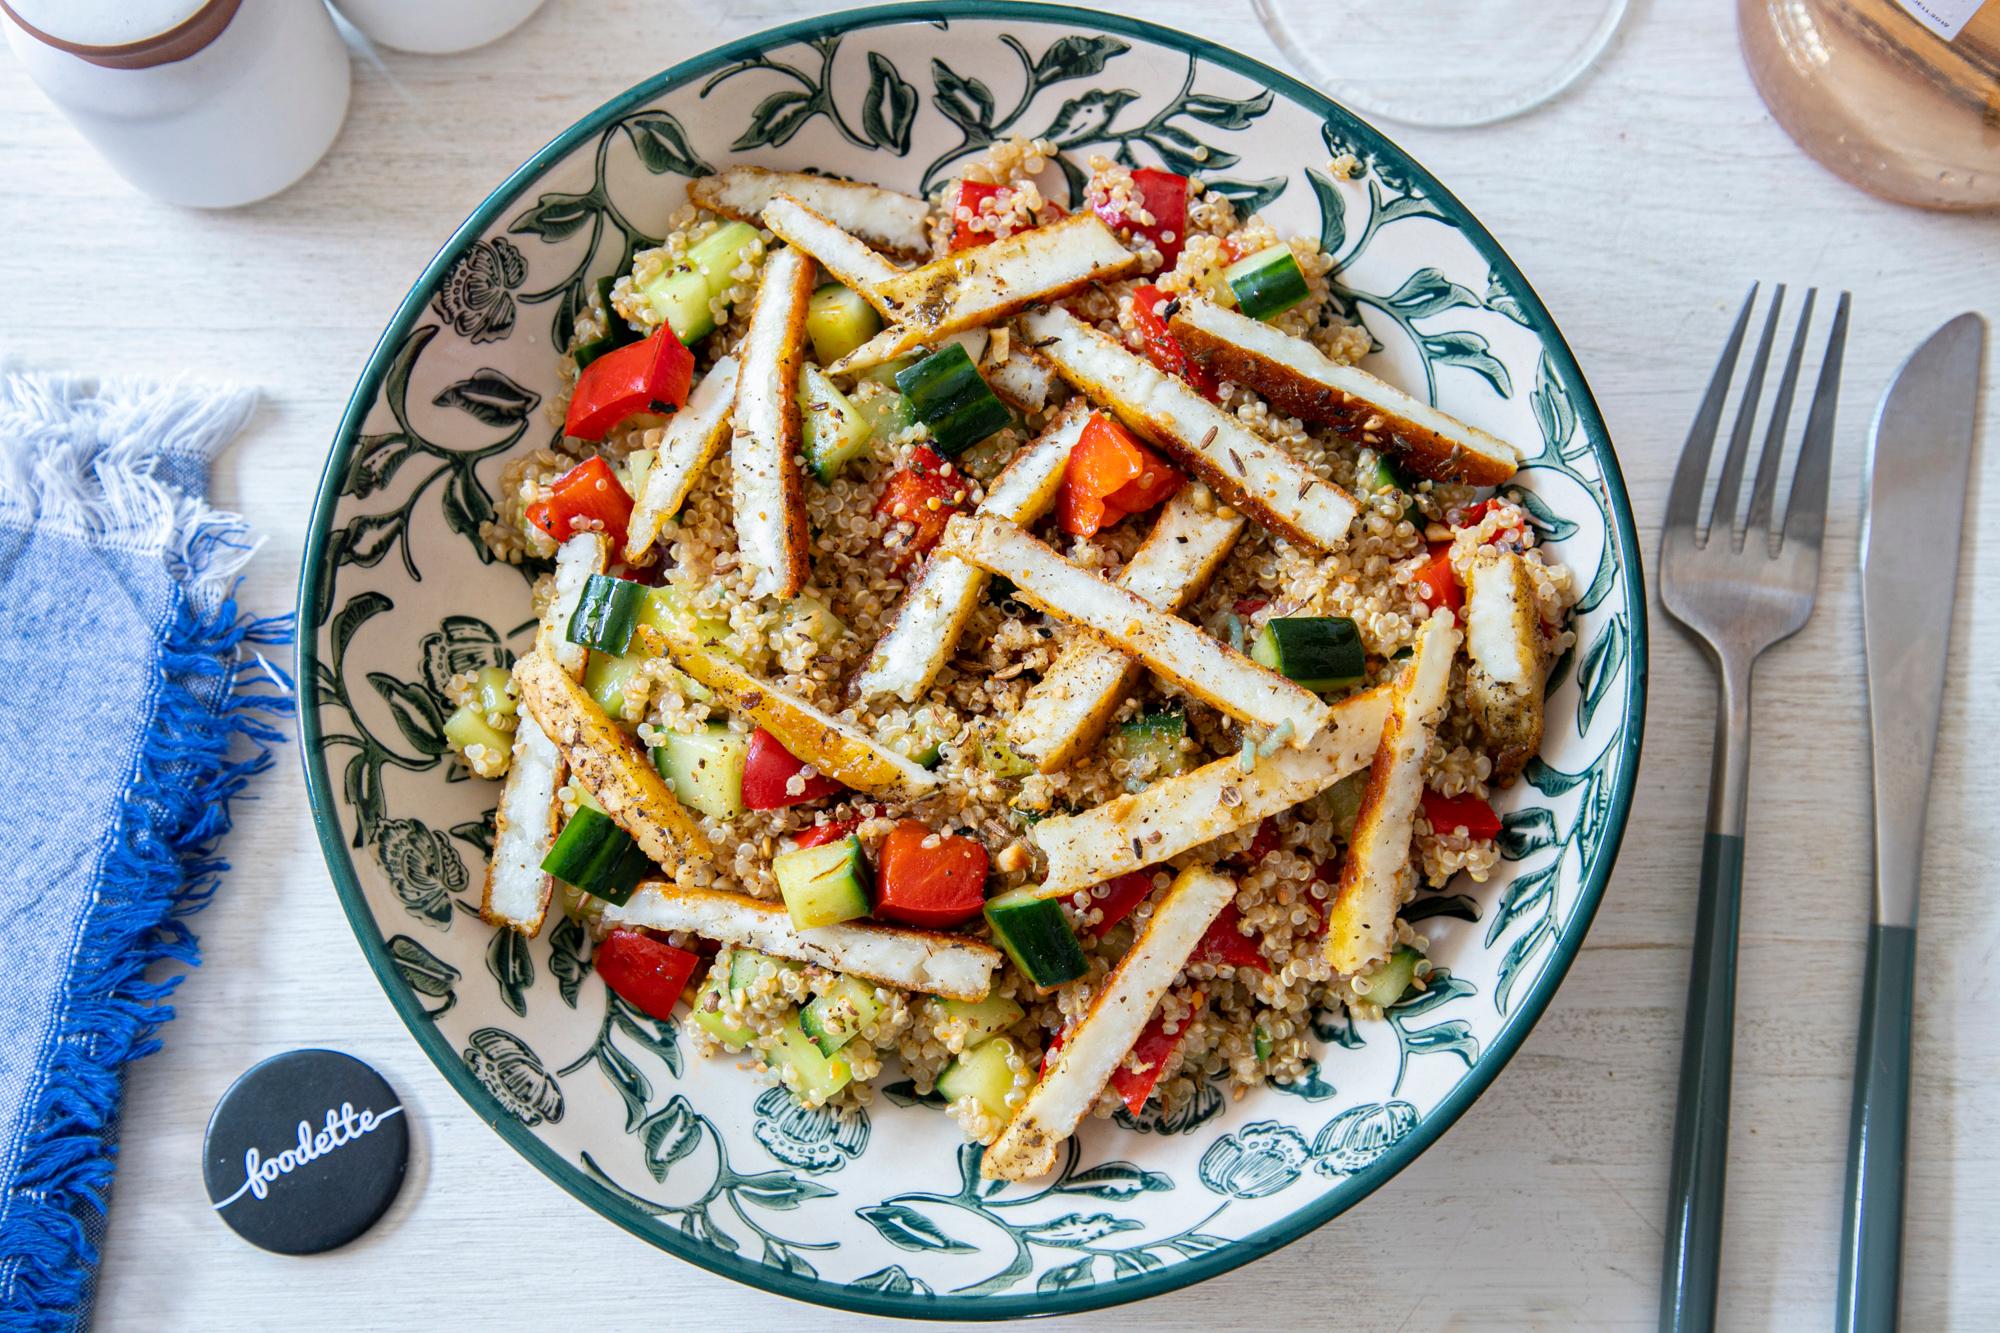 Poivrons et Halloumi grillés, quinoa et Dukkah